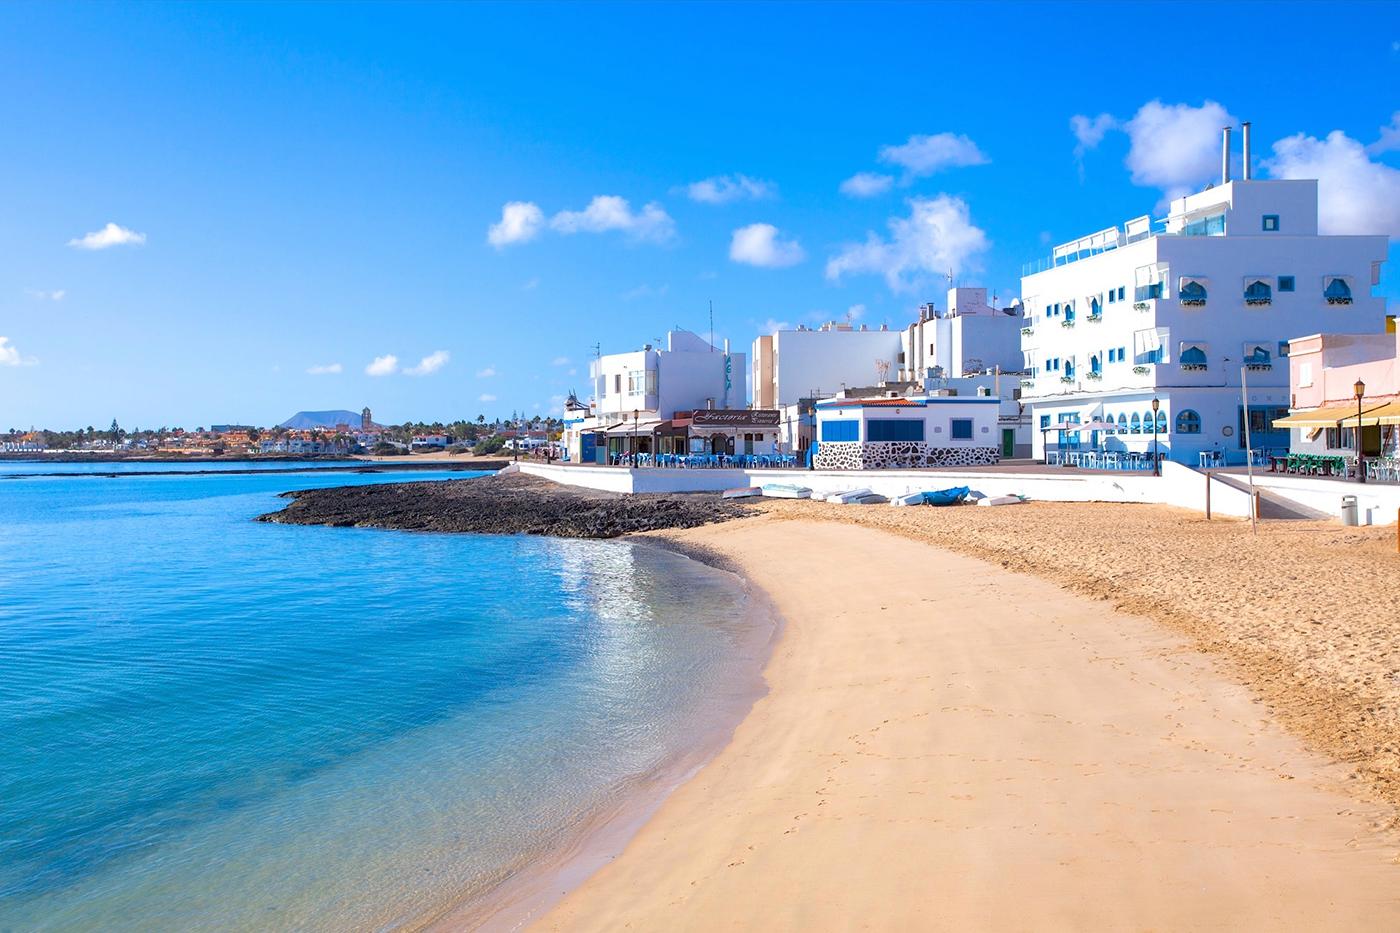 angie goes exploring viaggiare in tempo di covid alle isole canarie tra fuerteventura e lanzarote avanti boutique hotel